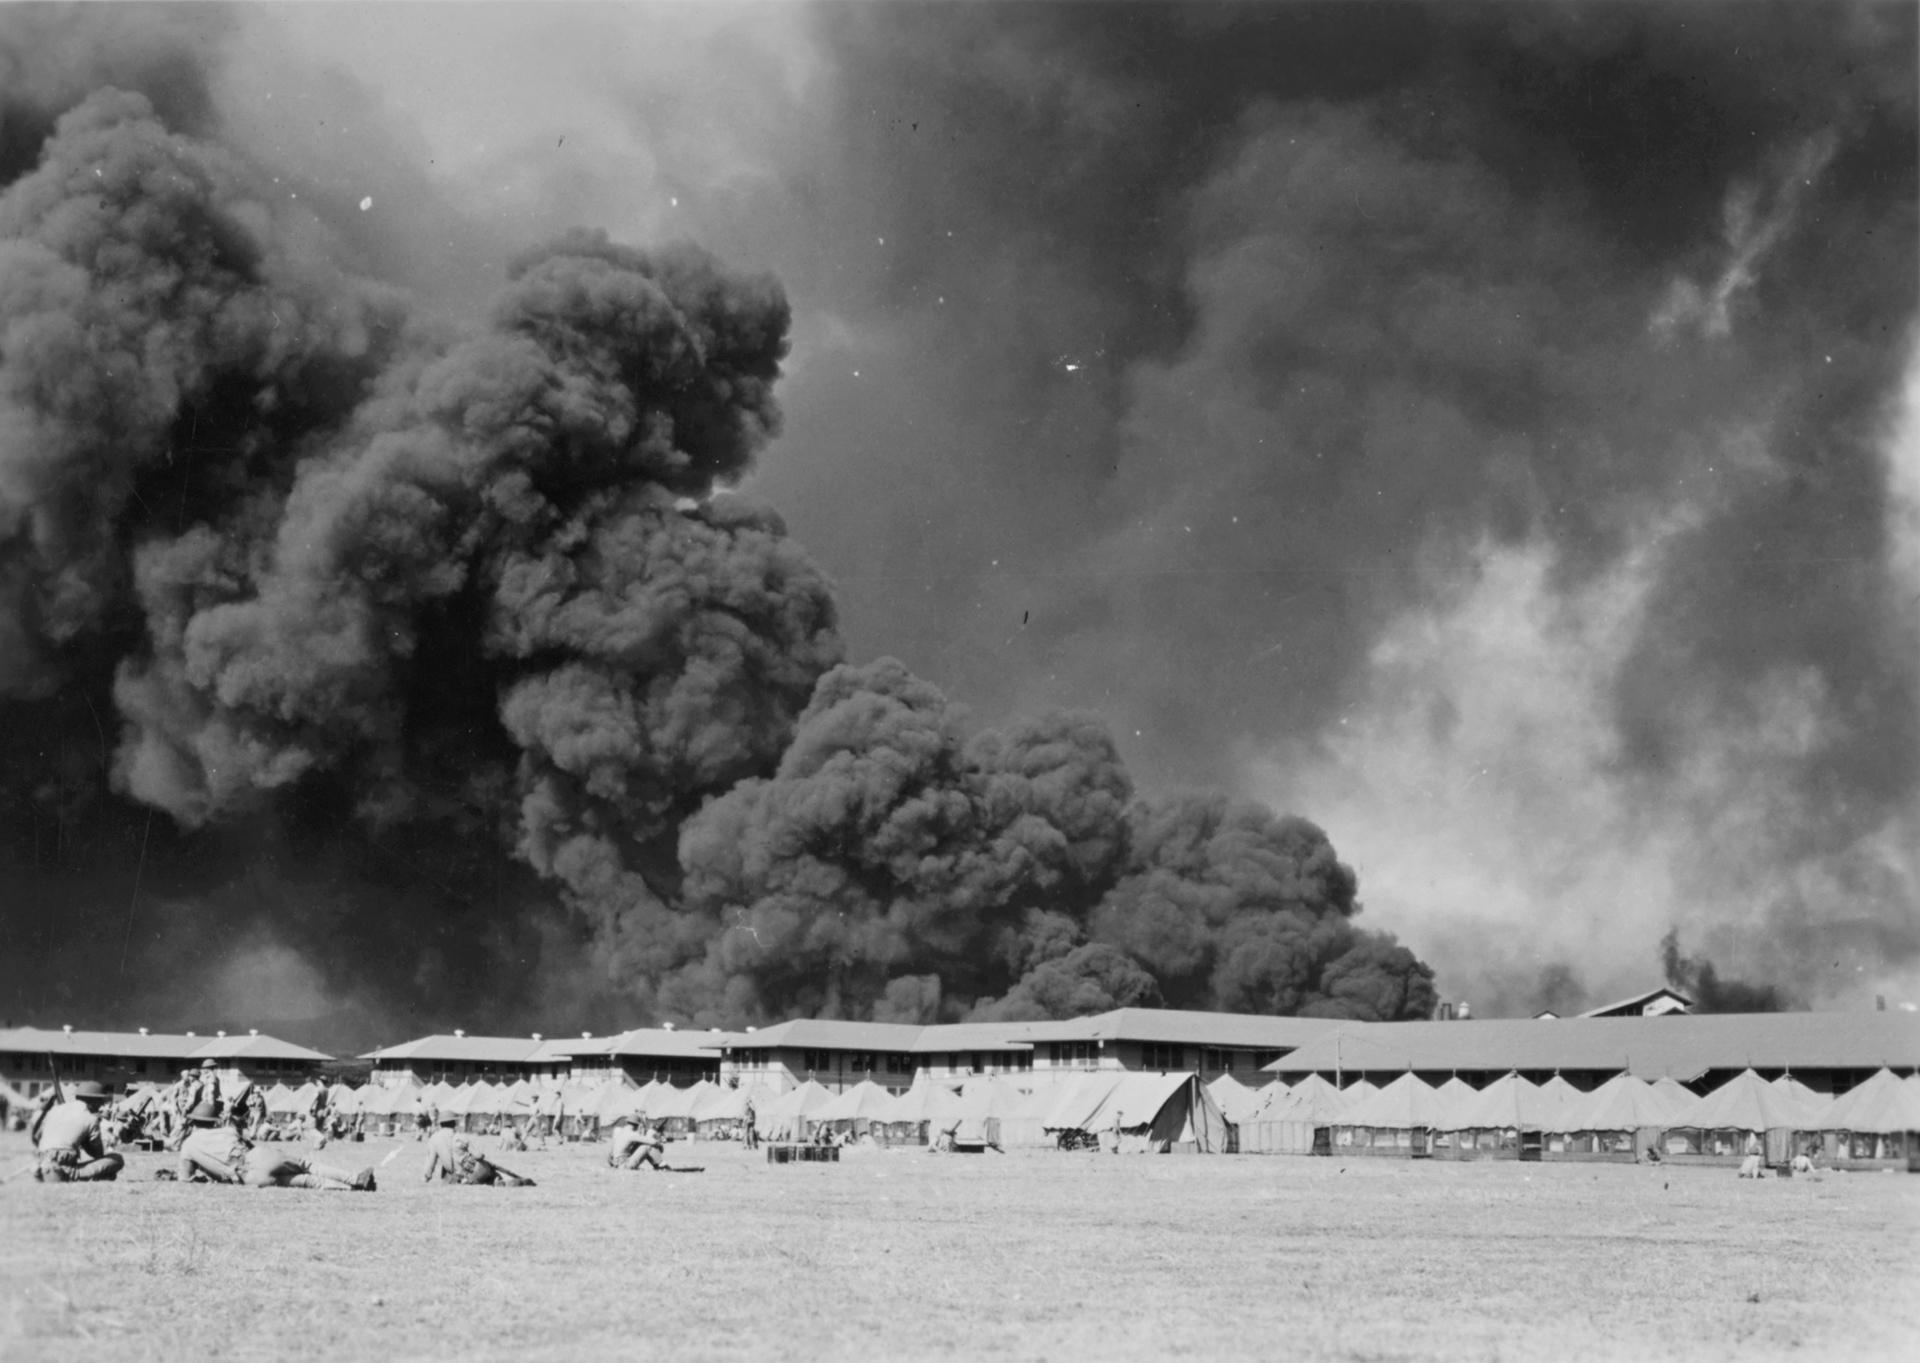 Marines estadounidenses esperan el posible regreso de los aviones japoneses en el patio de armas del cuartel naval de Pearl Harbor